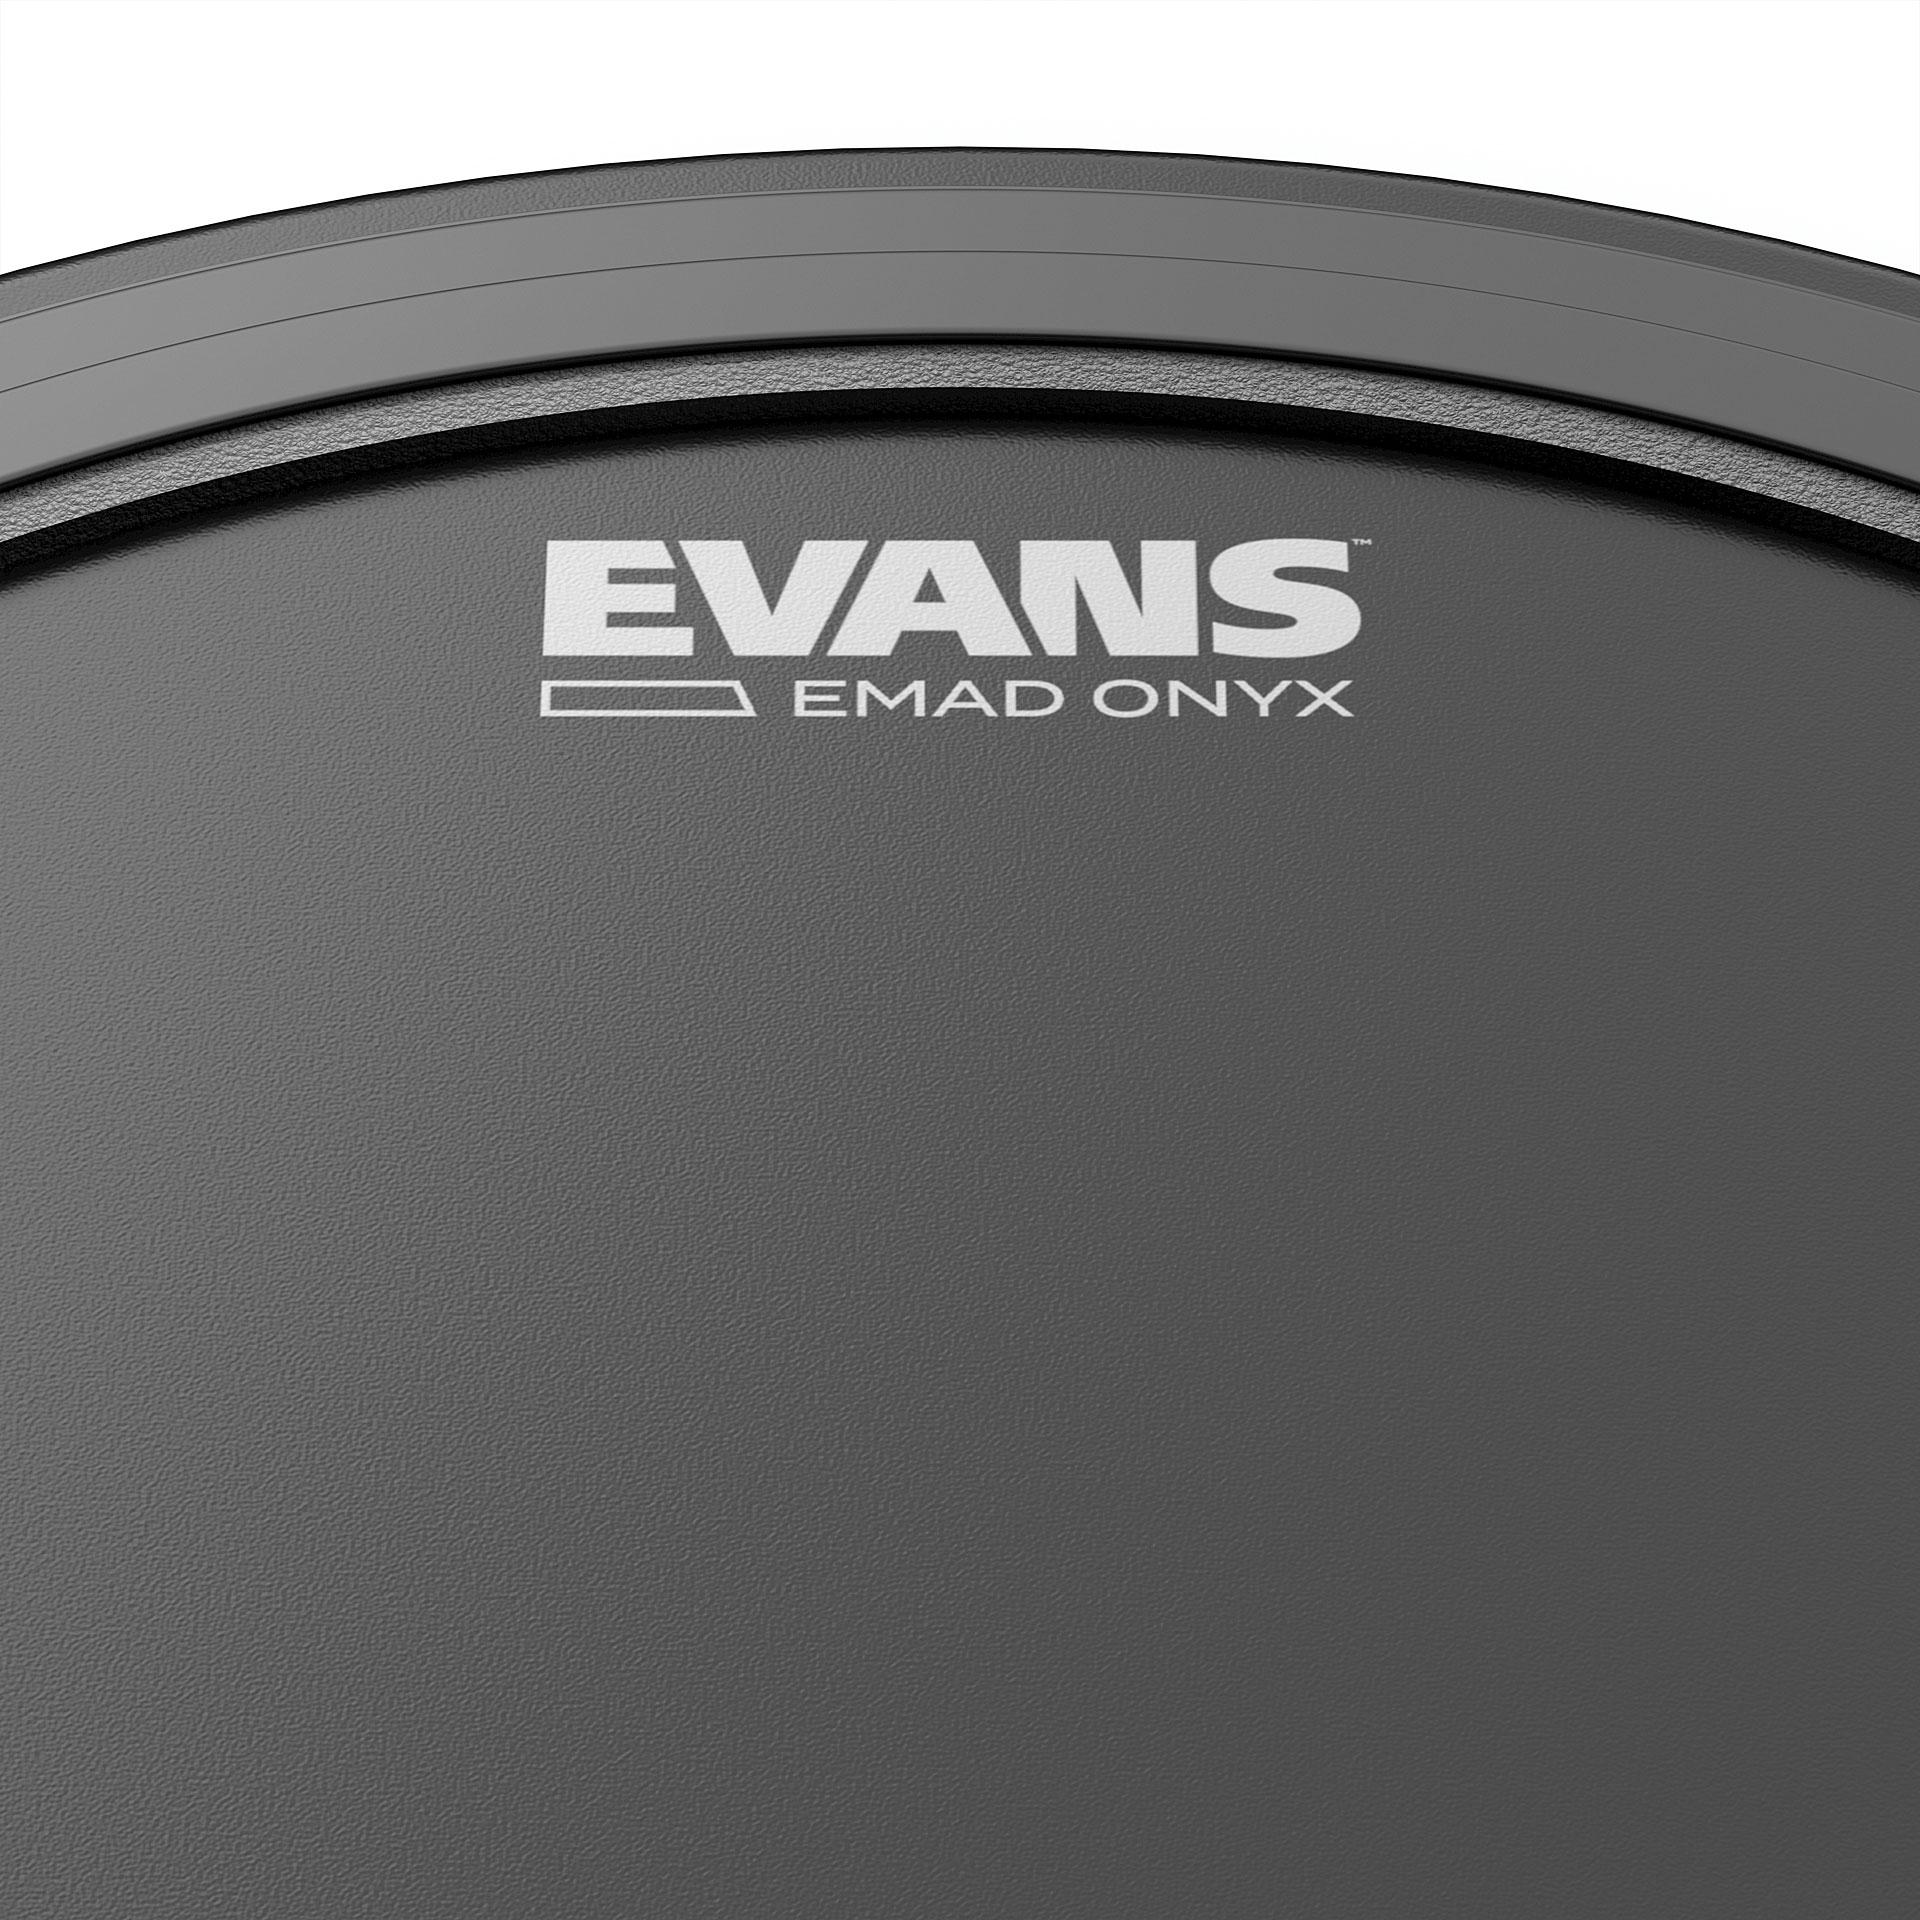 evans emad bd22emadonx bass drum head. Black Bedroom Furniture Sets. Home Design Ideas